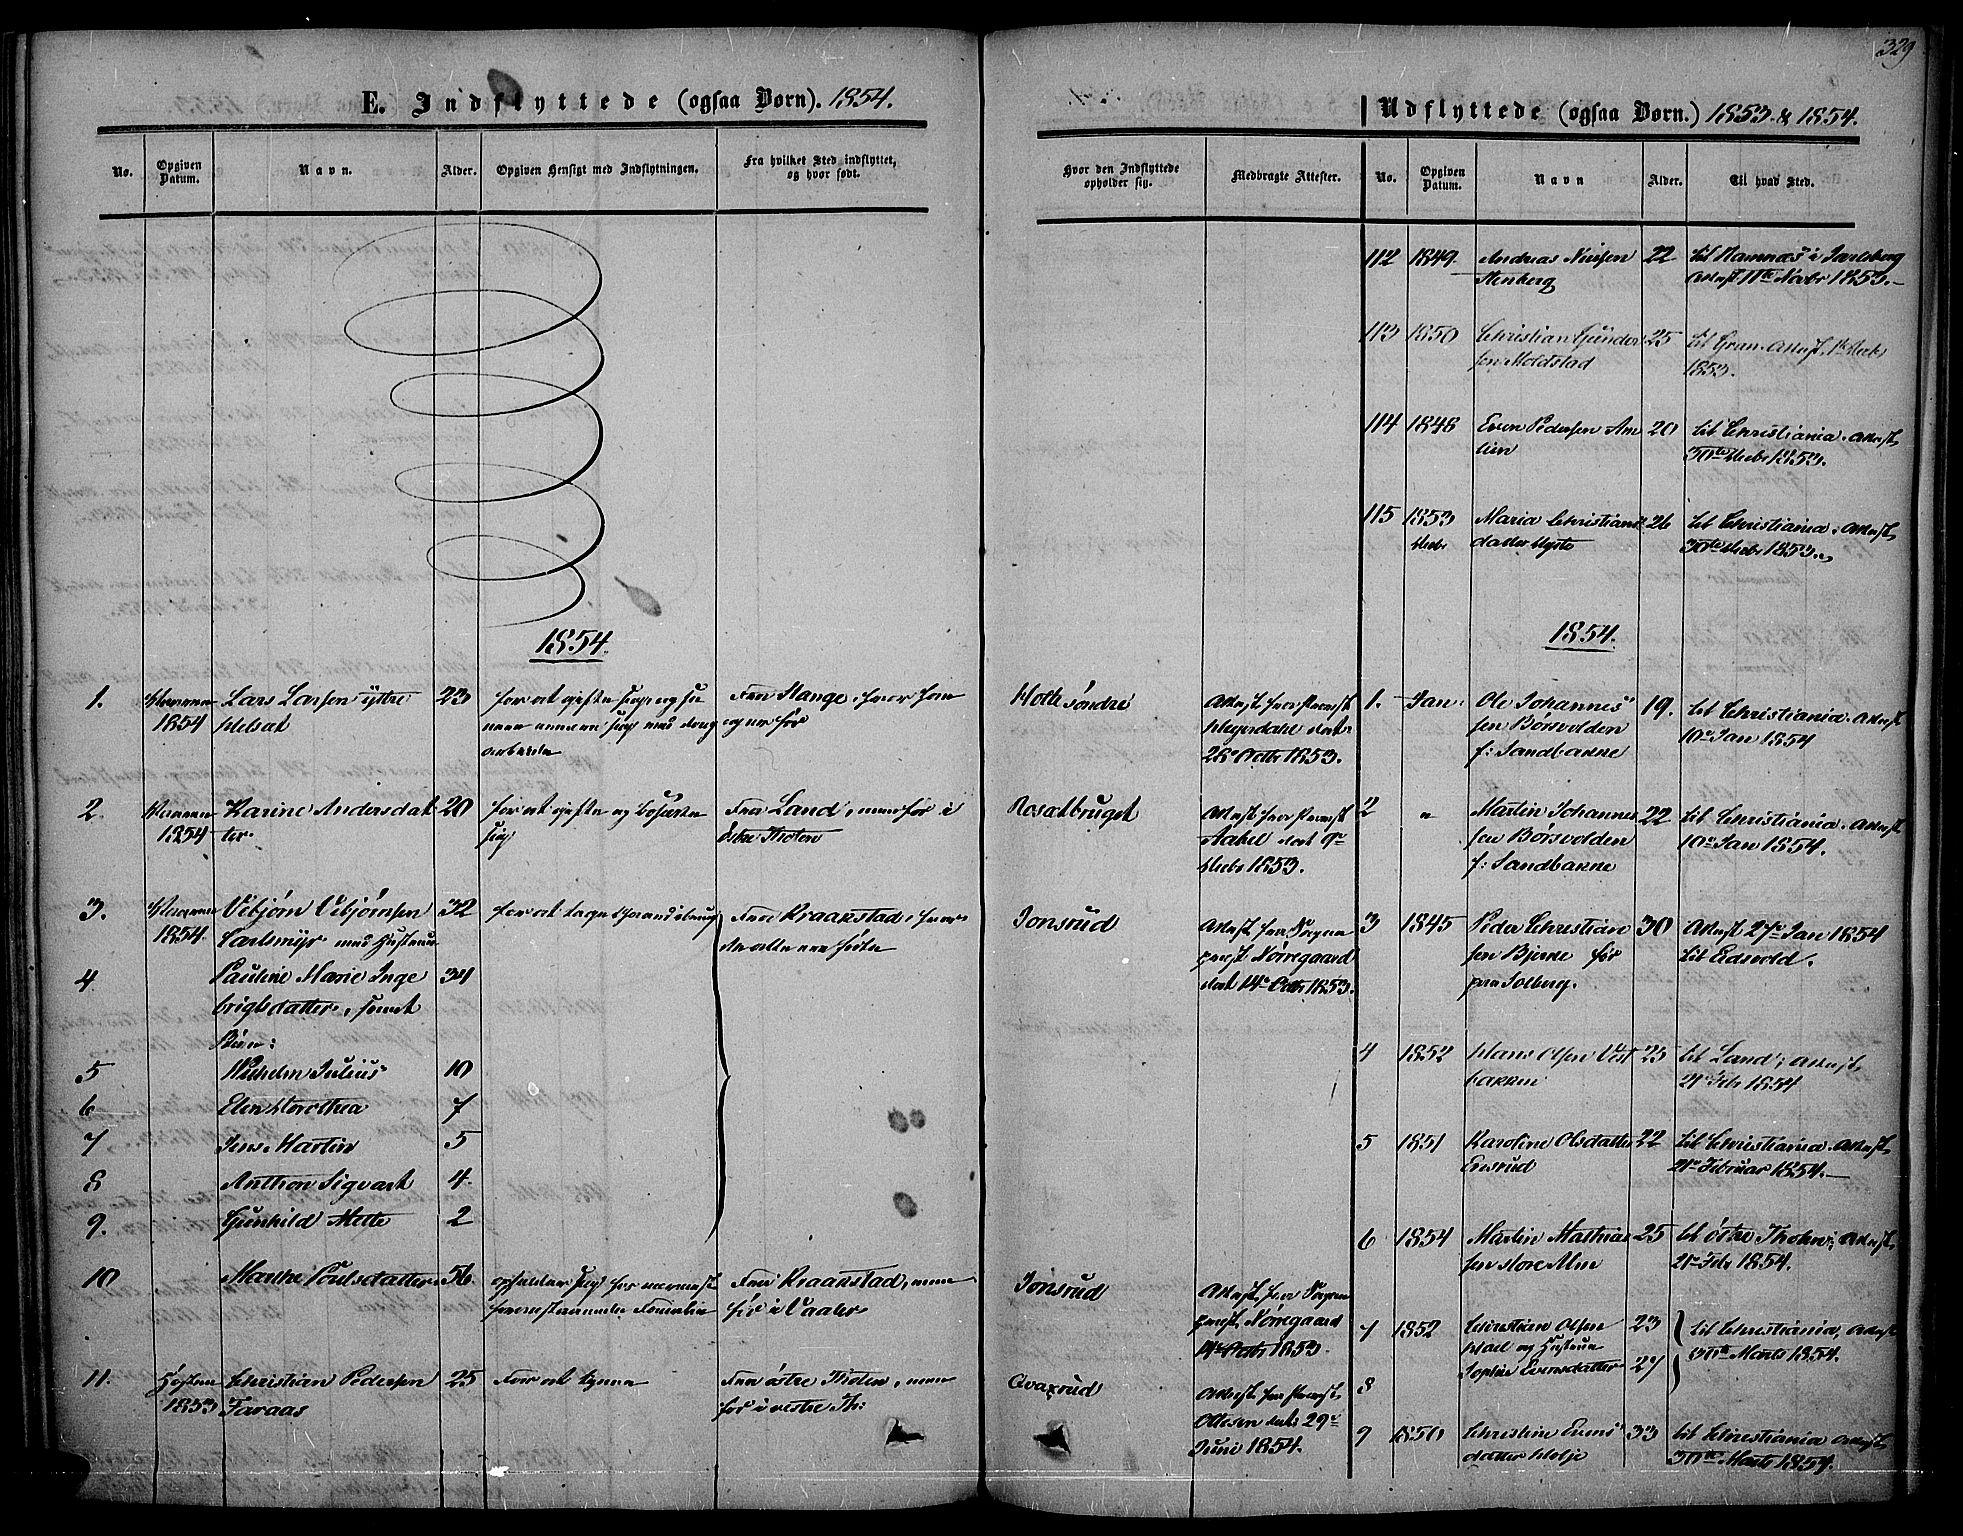 SAH, Vestre Toten prestekontor, Ministerialbok nr. 5, 1850-1855, s. 329